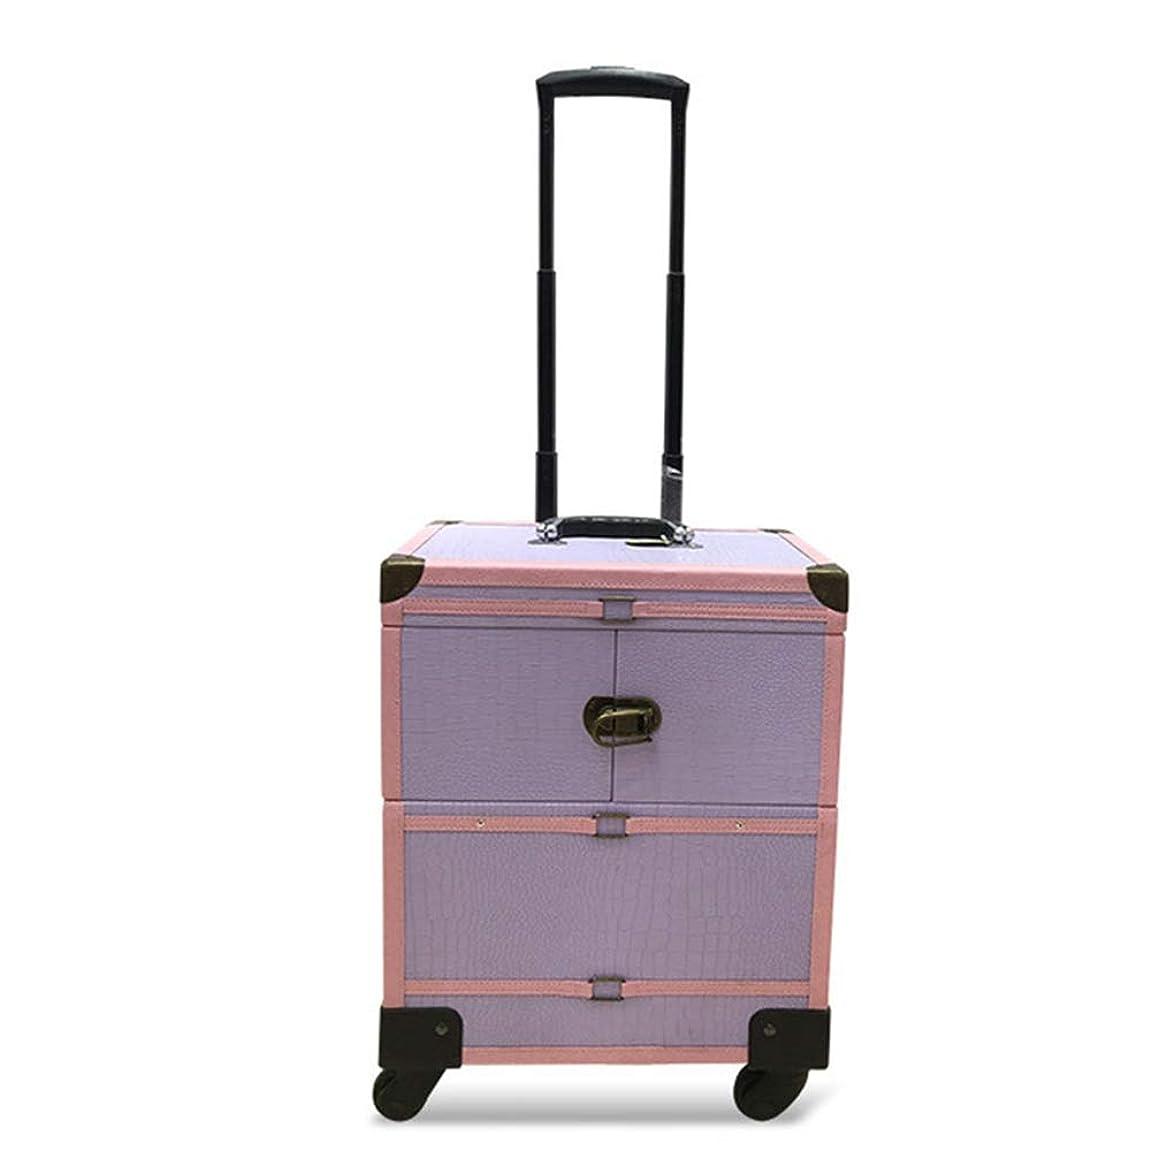 抵当リルに渡ってメイクボックス トロリー 化粧品ケース 大容量 コスメボックス 携帯 旅行 トロリーケース 4輪 出張 化粧品収納 化粧箱 ハンドル付き おしゃれ